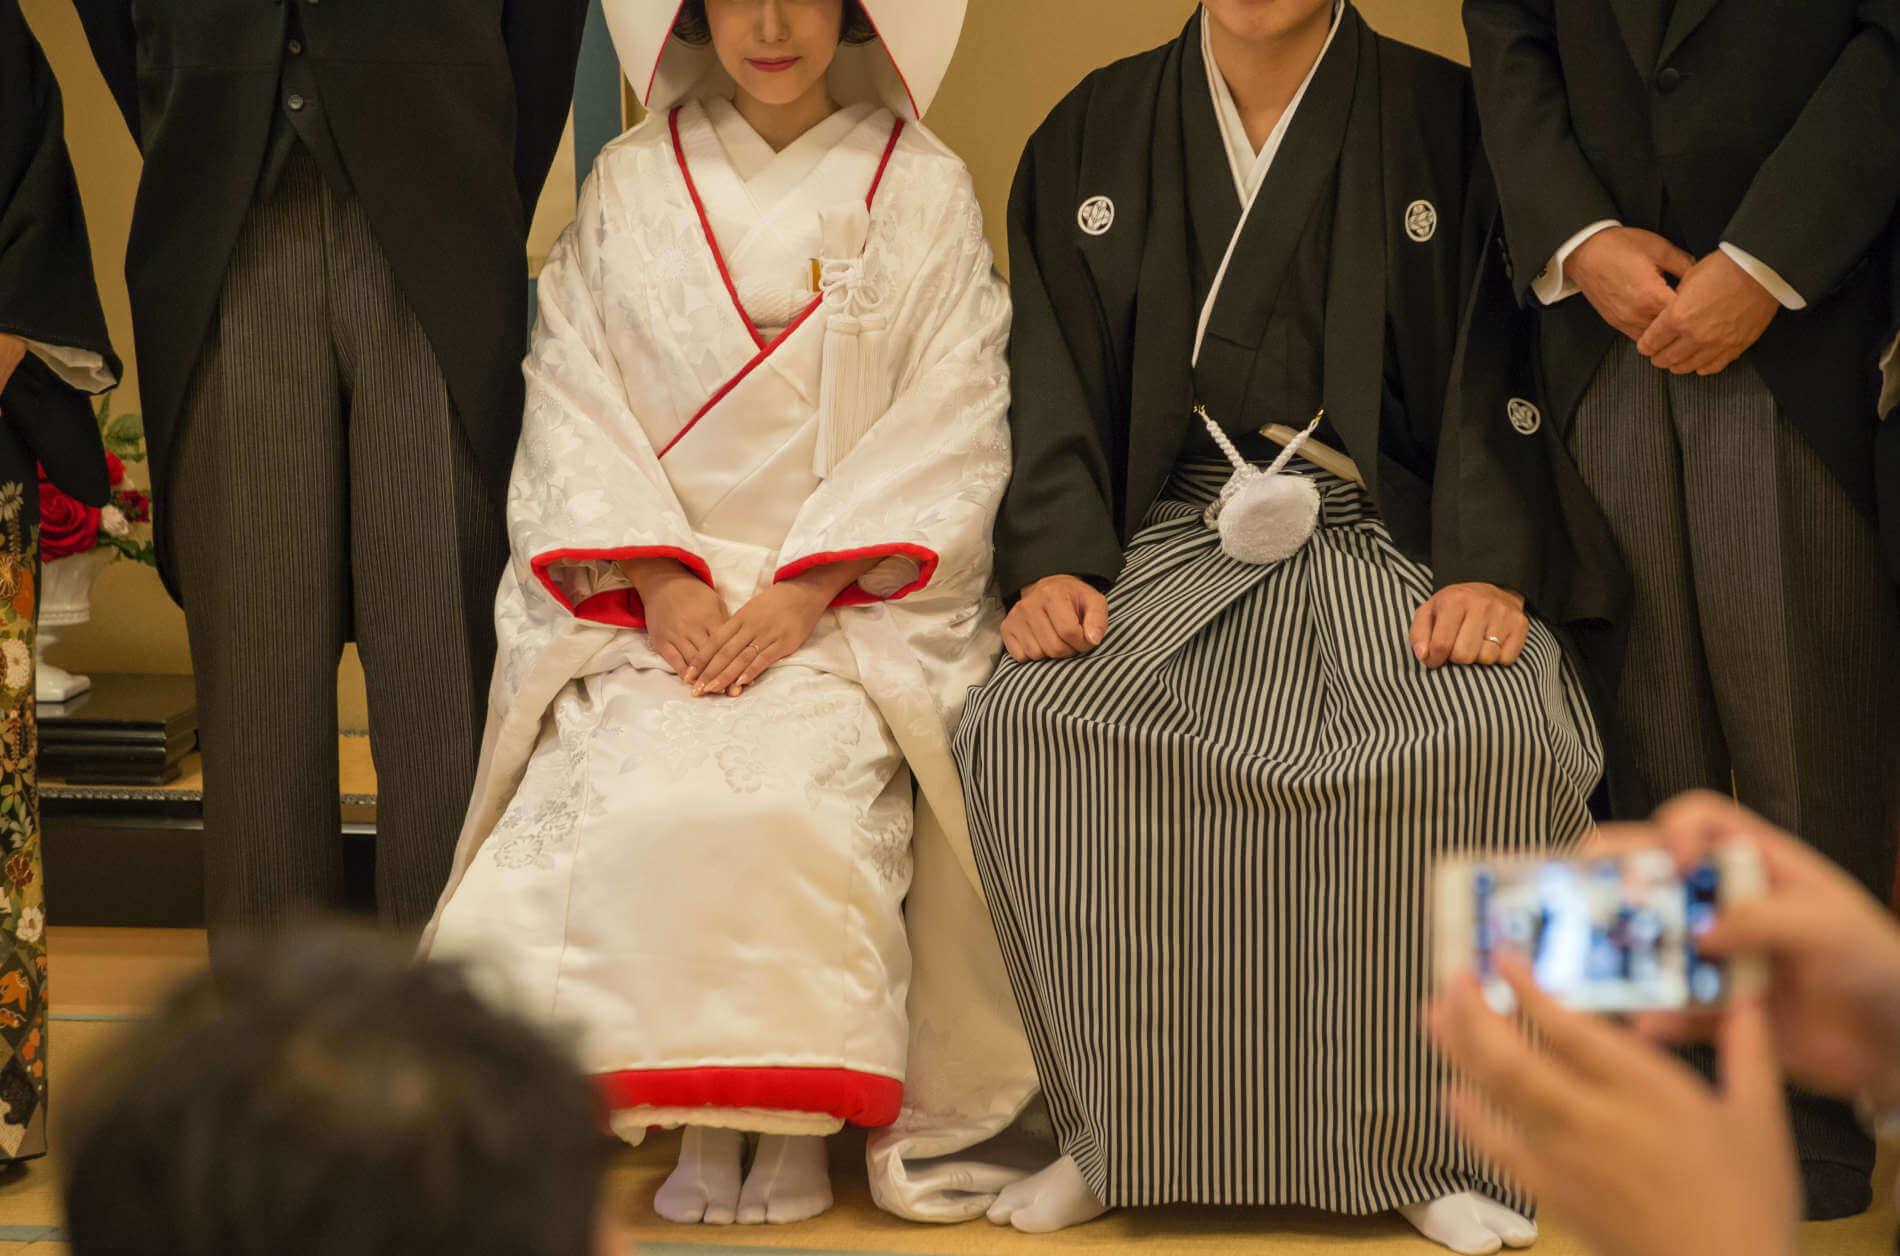 traditionelle-hochzeit-japan